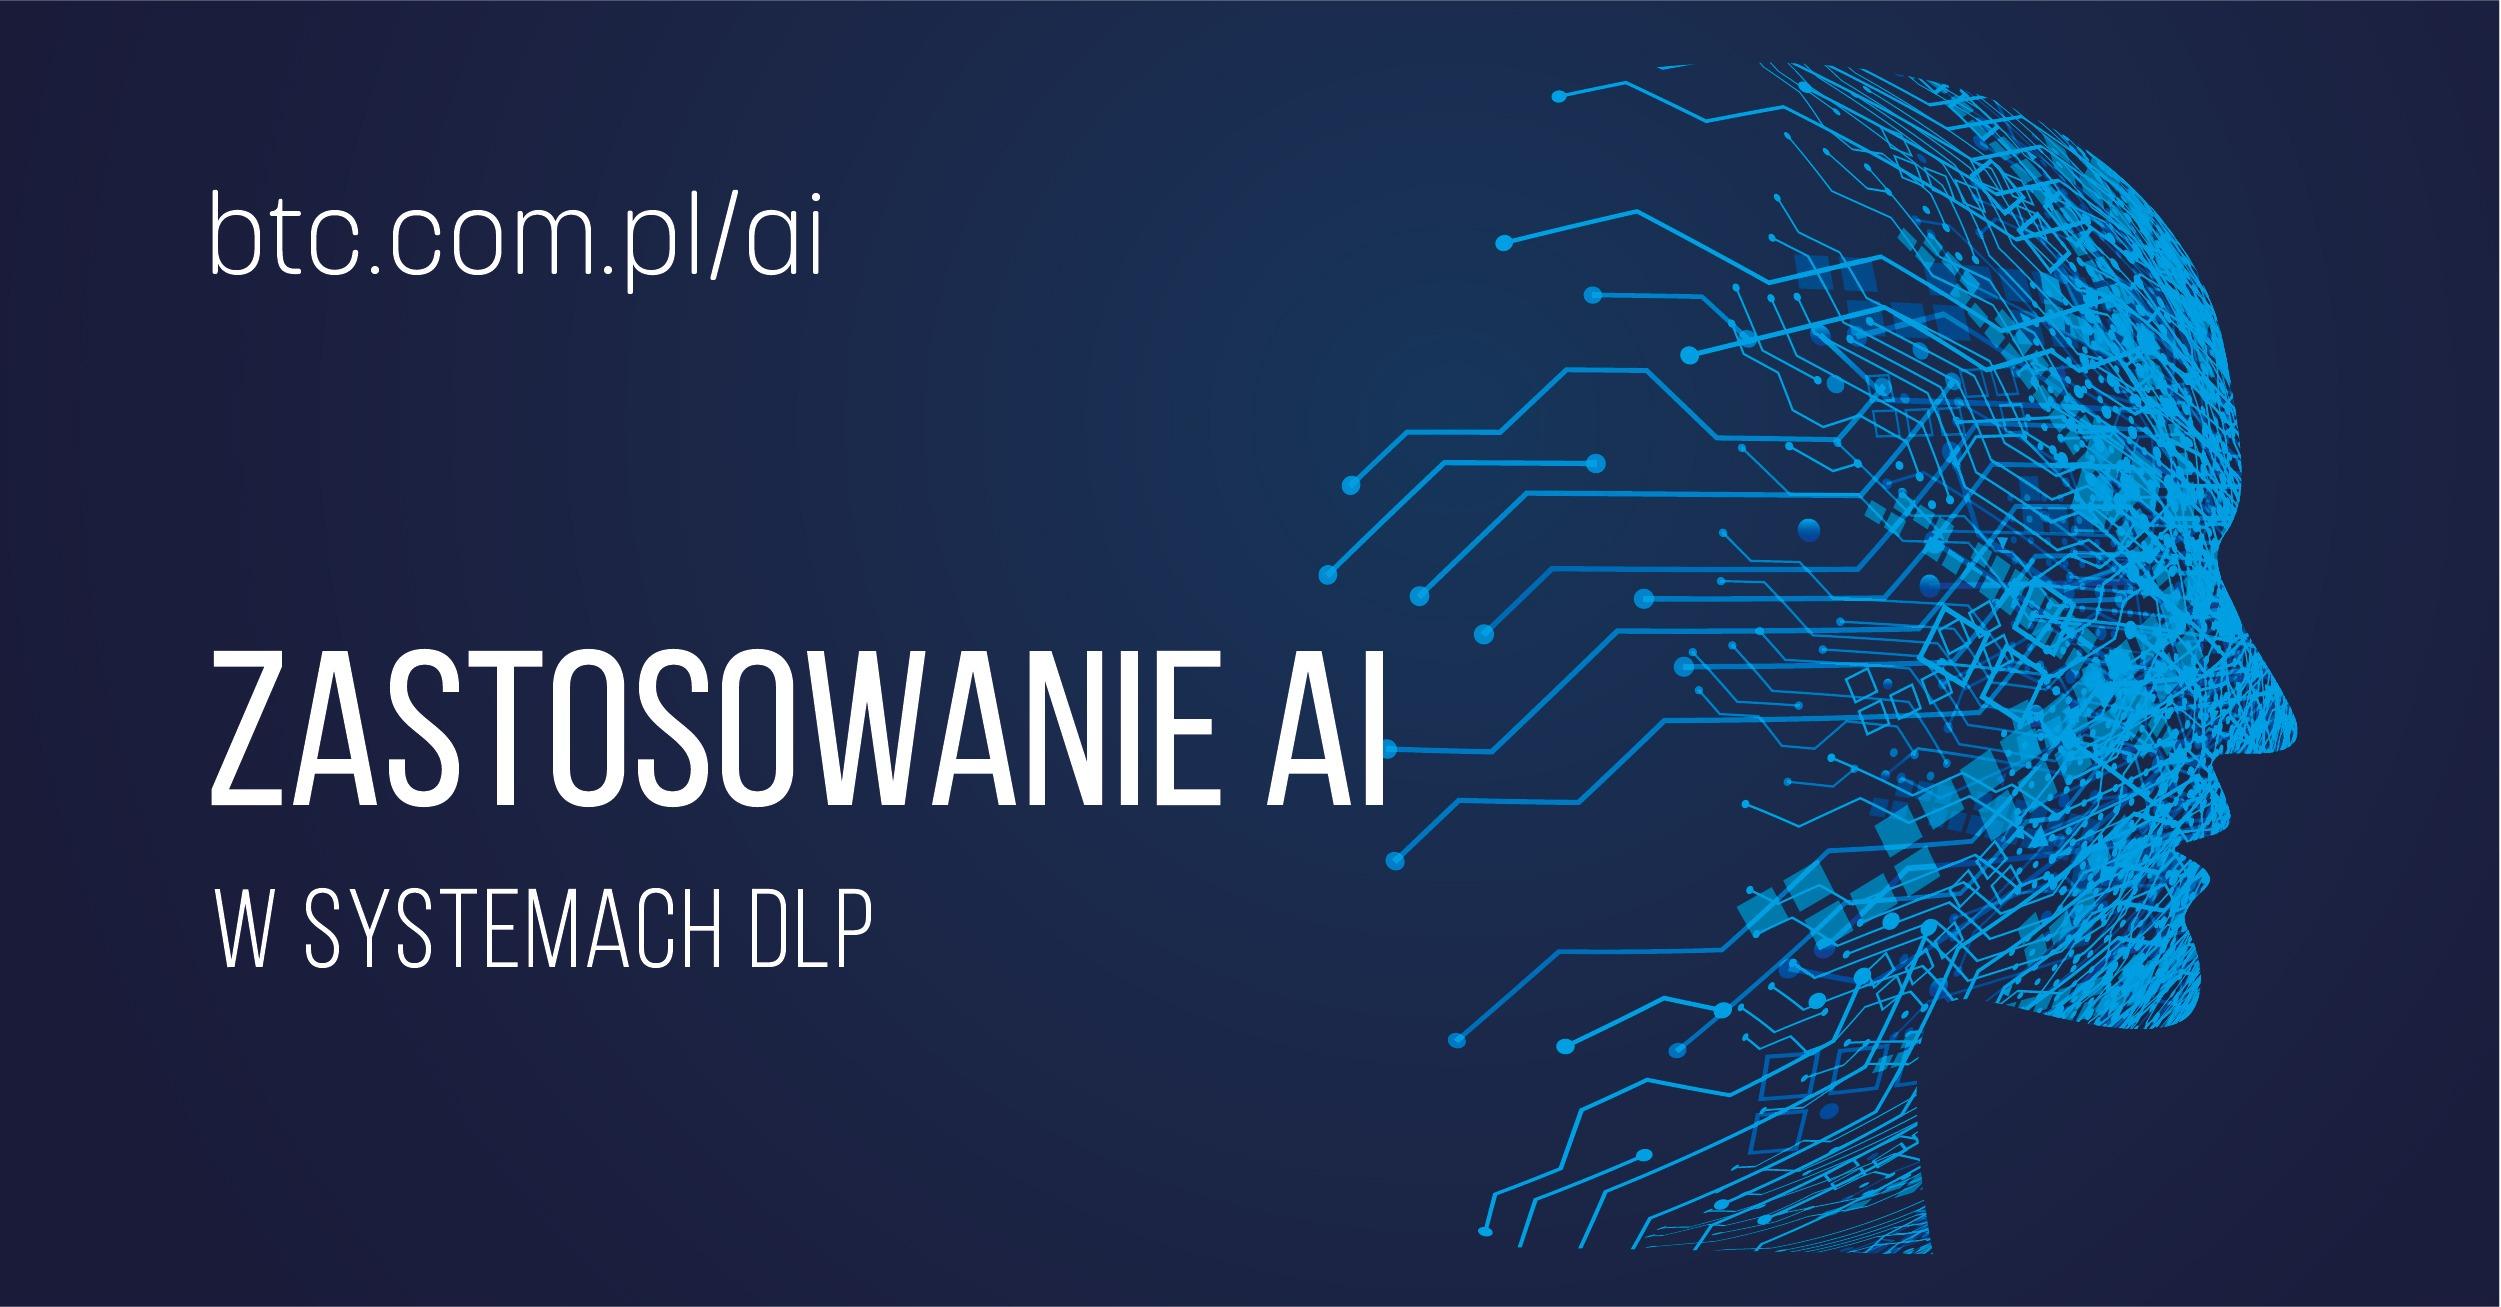 BTC Zastosowanie sztucznej inteligencji w systemach DLP